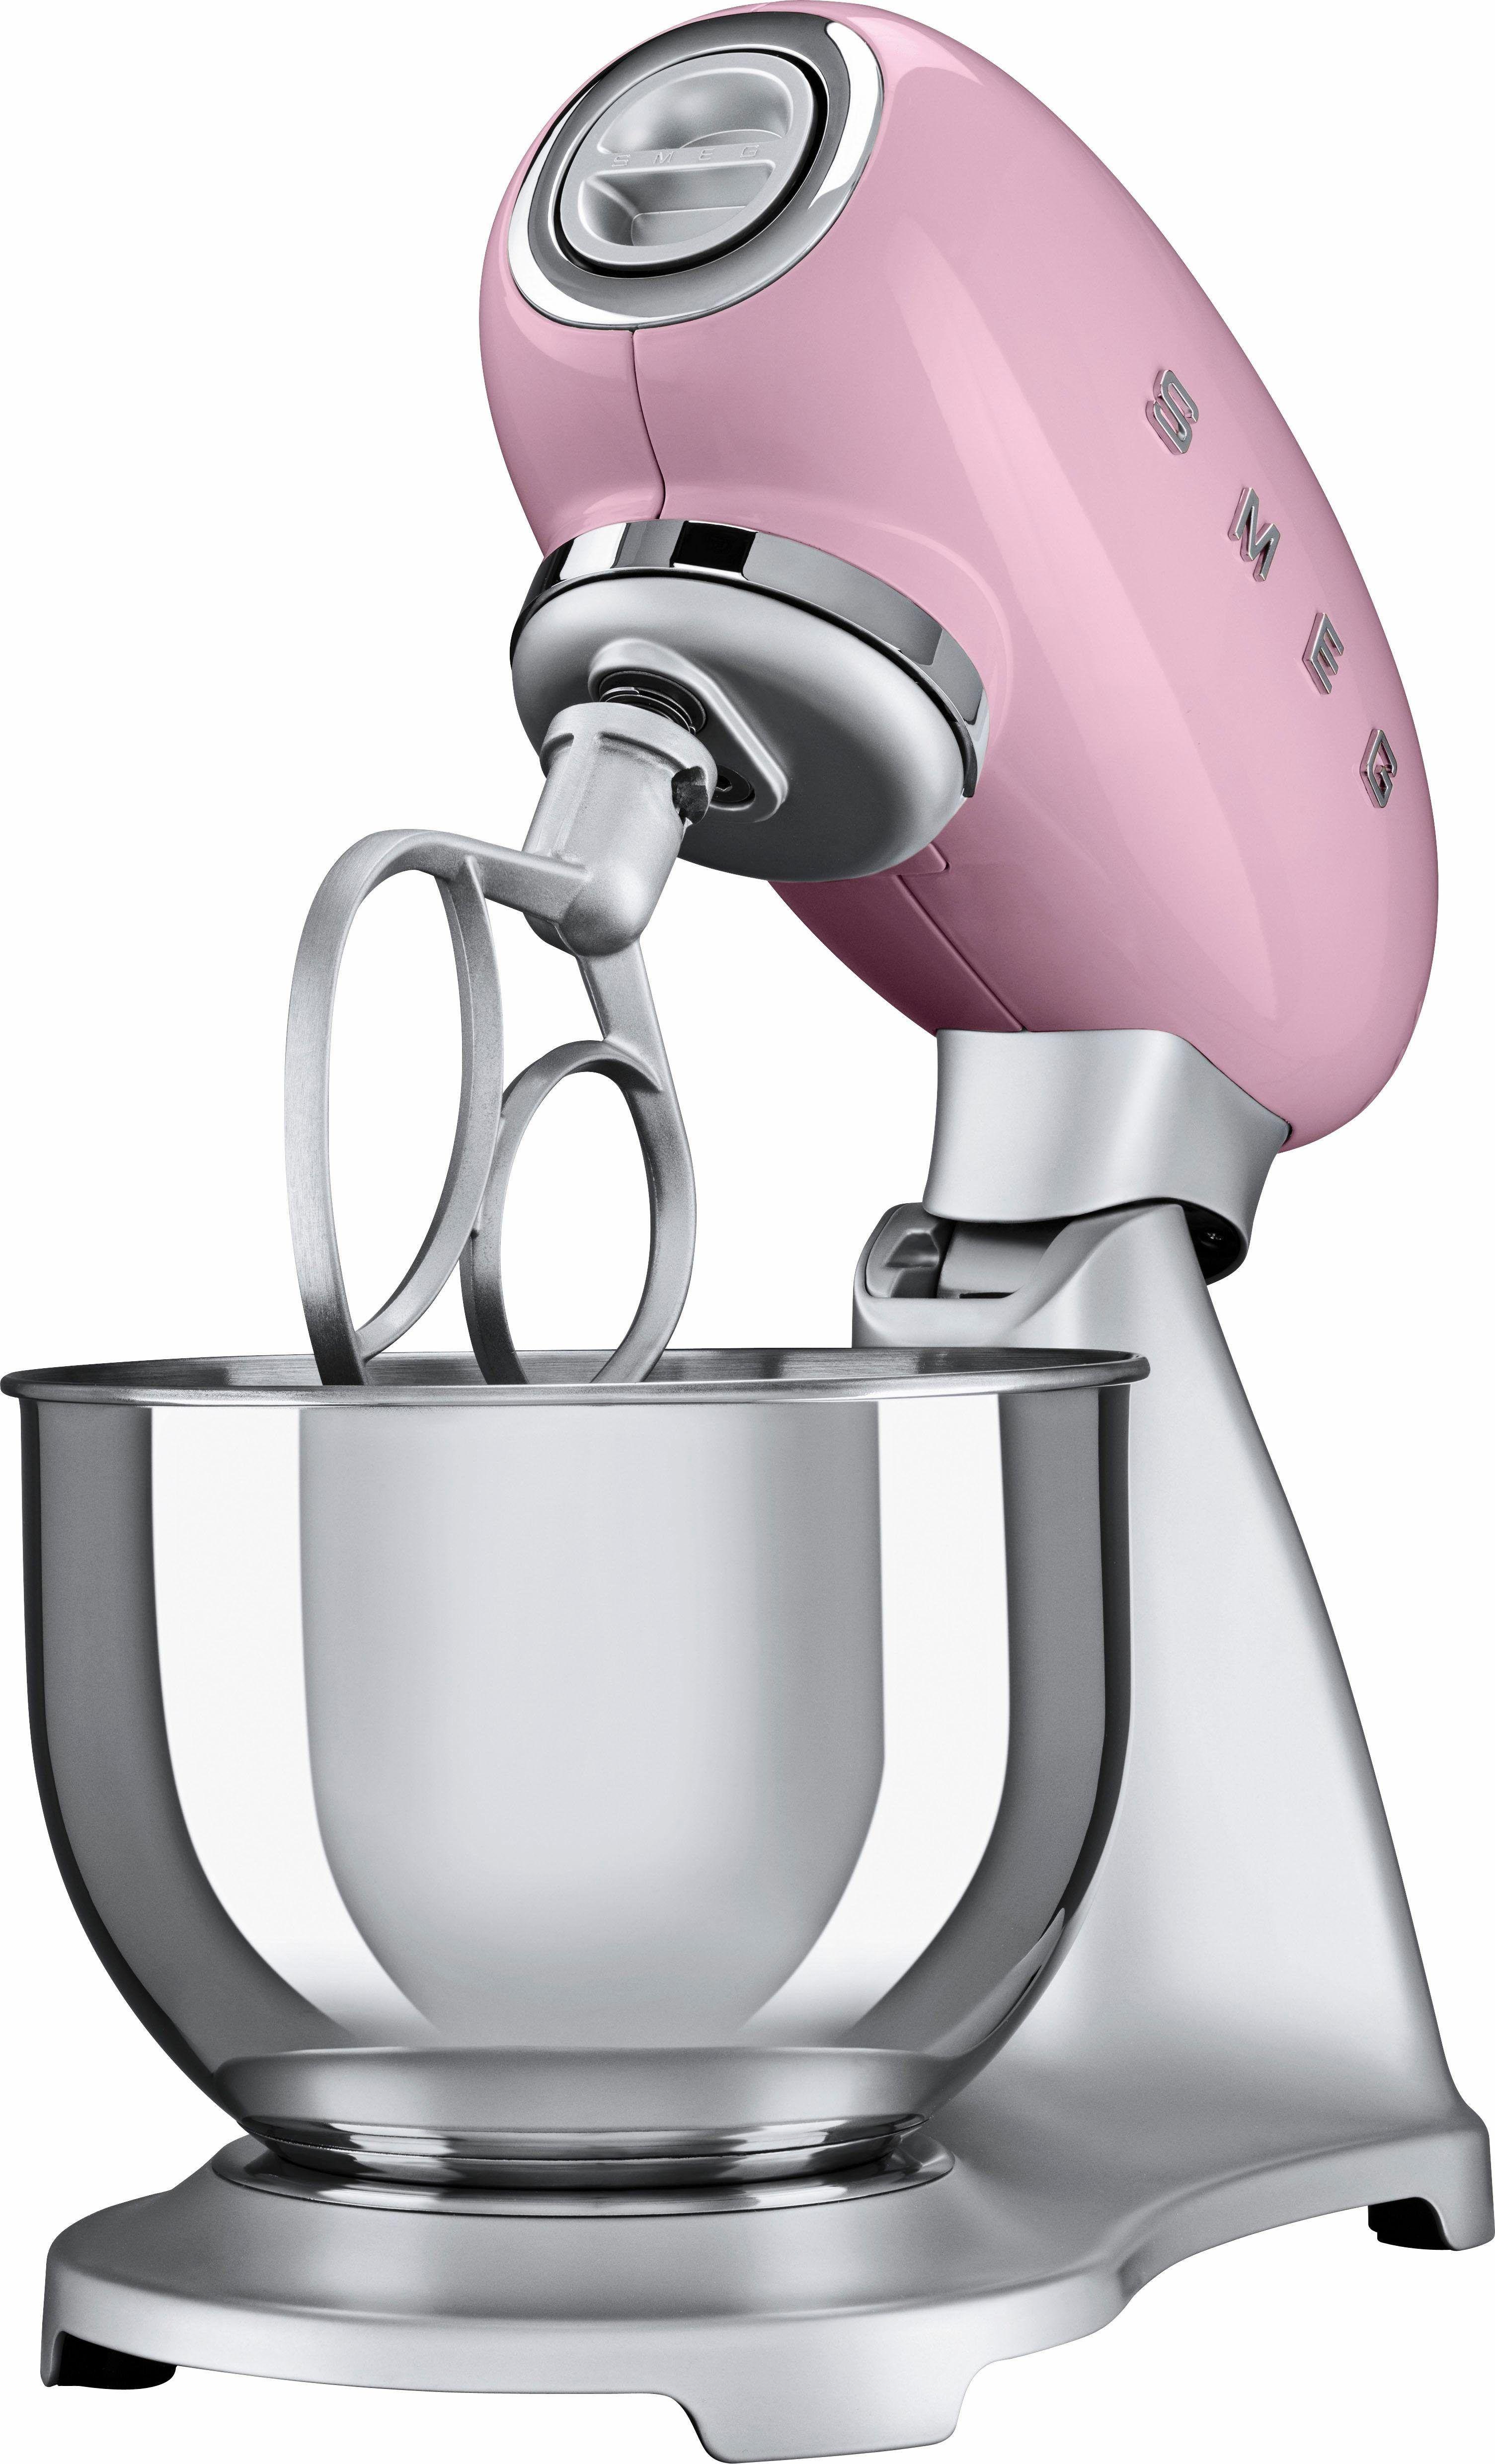 Smeg Smf01bleu Kuchenmaschine Mit 800 Watt Schwarz 4 8 Liter